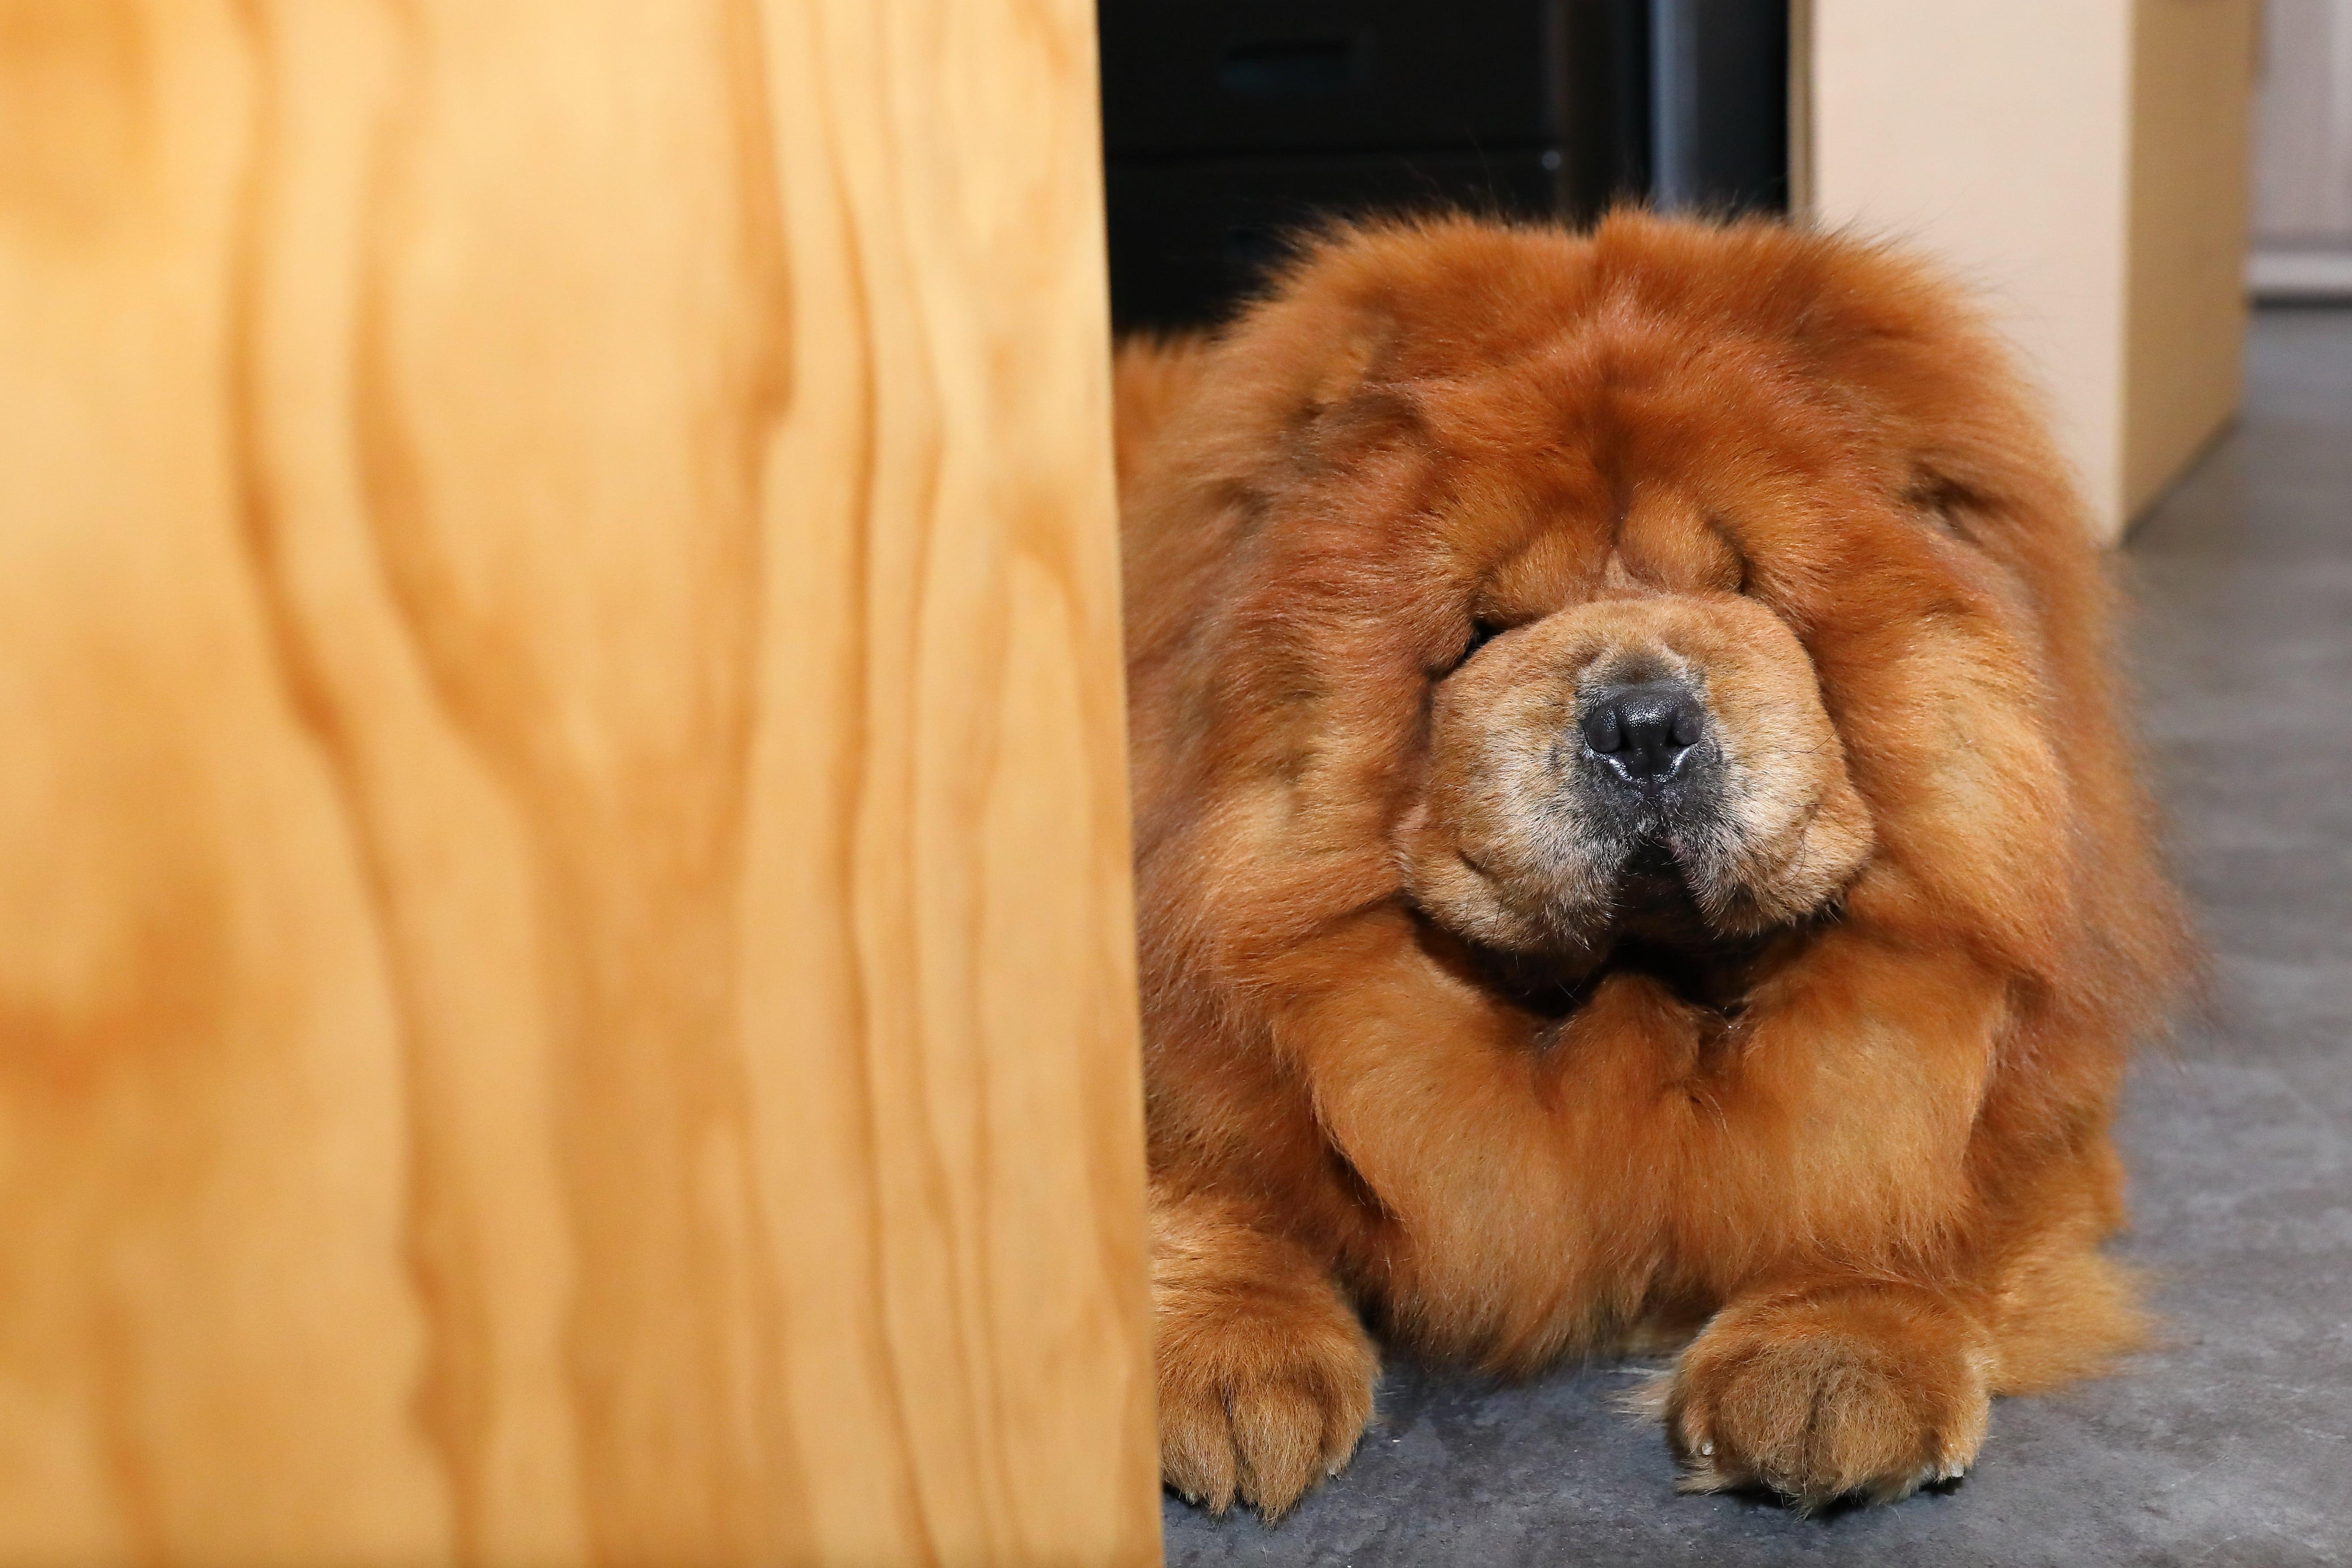 鬆獅犬有著碩大的體型、豐厚的被毛,常被誤解為兇狠、易怒、不好照顧的犬種